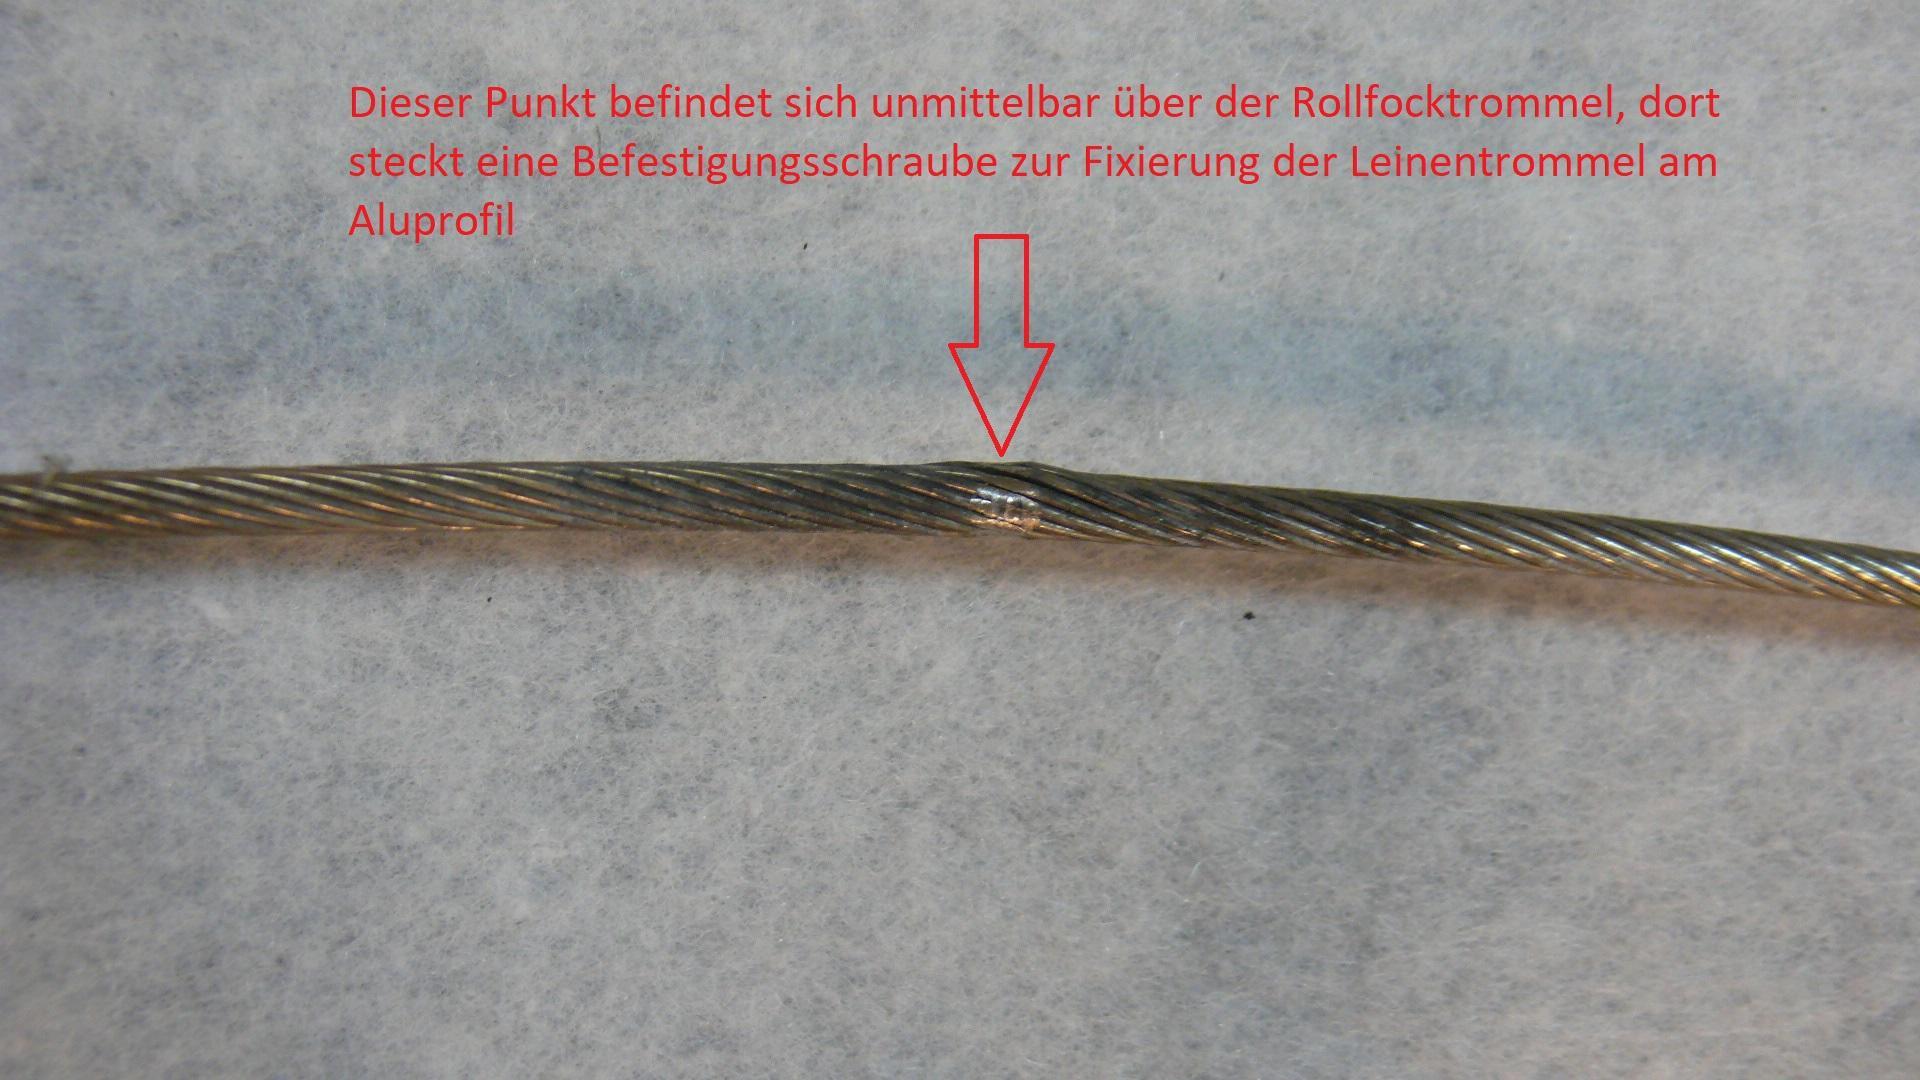 Fein Gelber Draht Elektrisch Bilder - Der Schaltplan - triangre.info